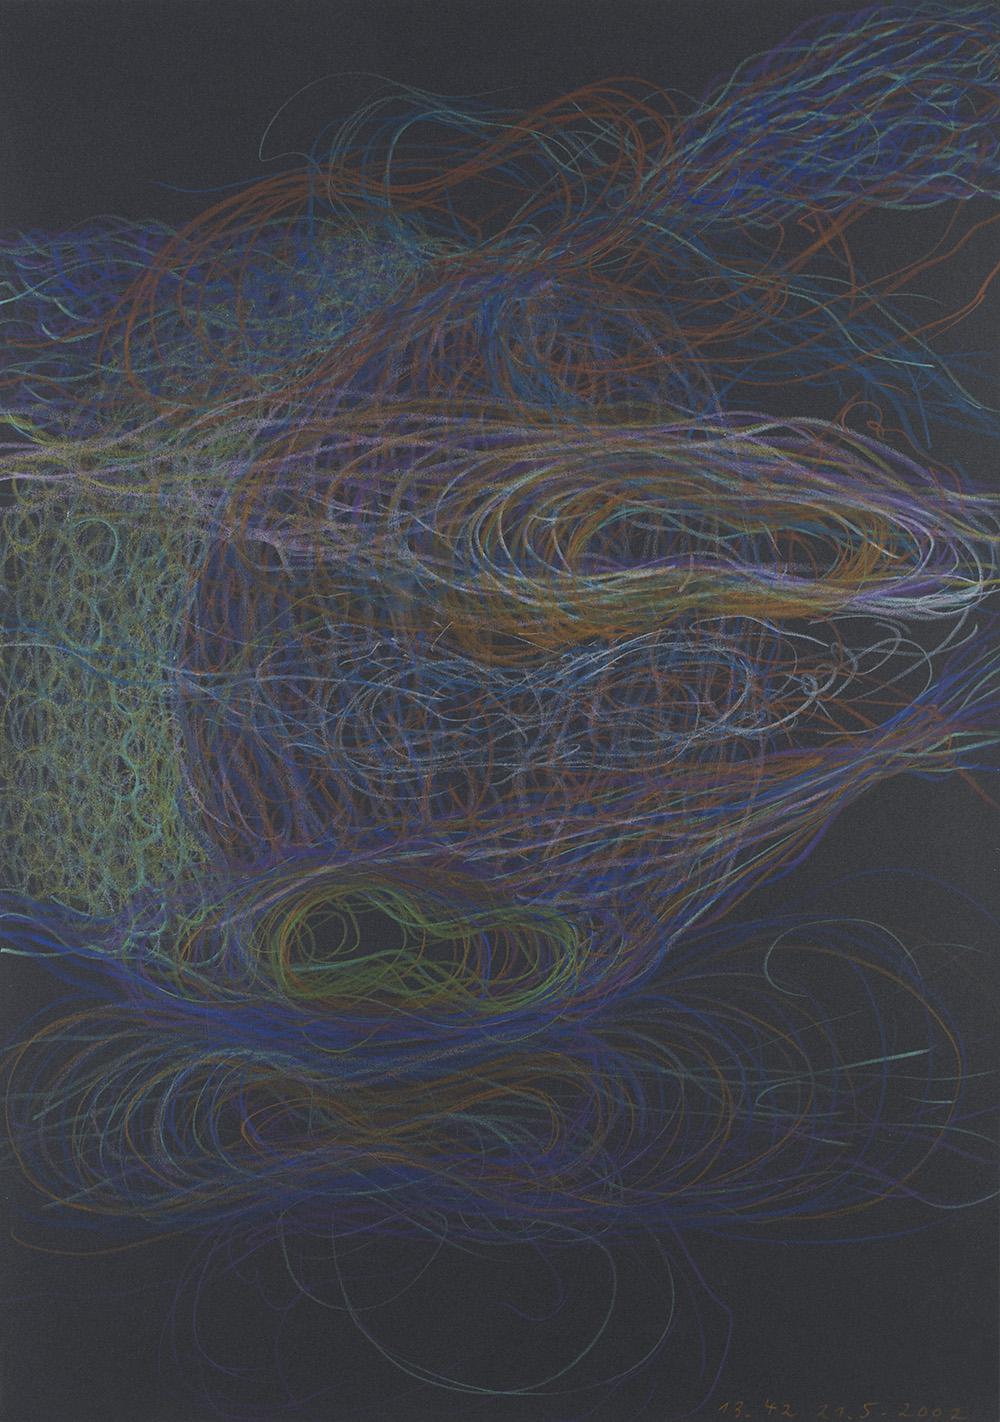 Tomáš Lampar    Untitled  , 2002 Color pencil on paper 16.54 x 11.61 inches 42 x 29.5 cm TLa 10